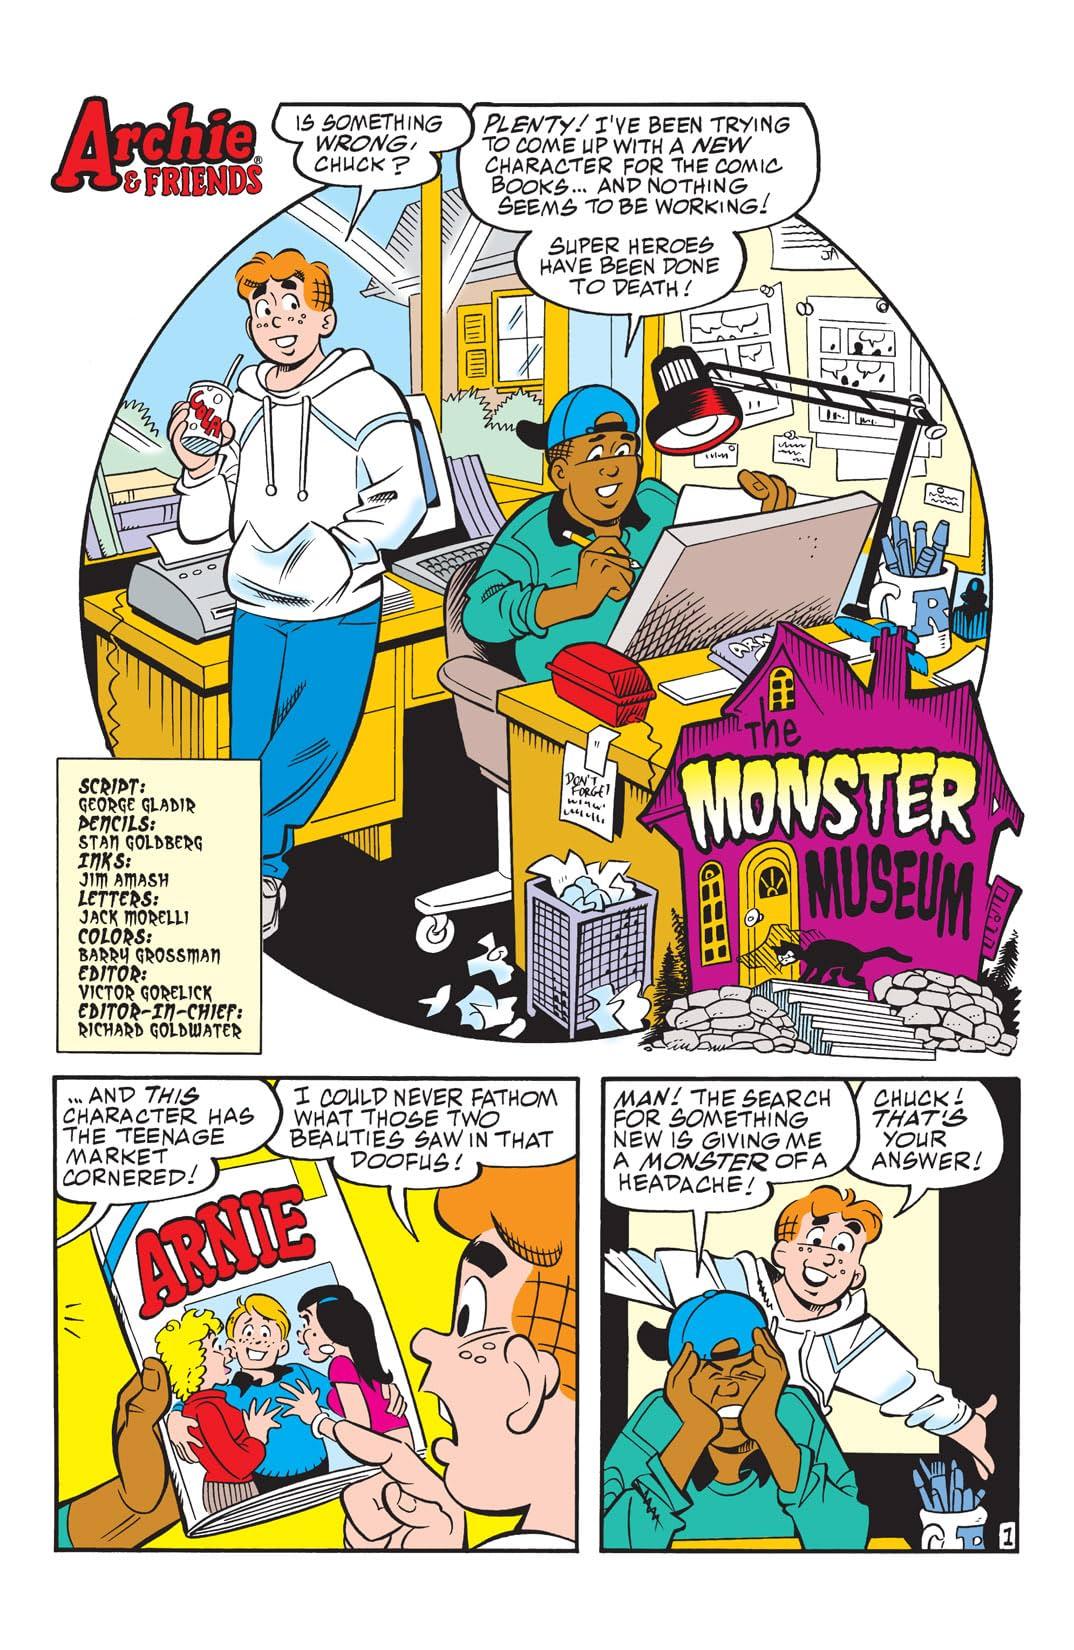 Archie & Friends #106